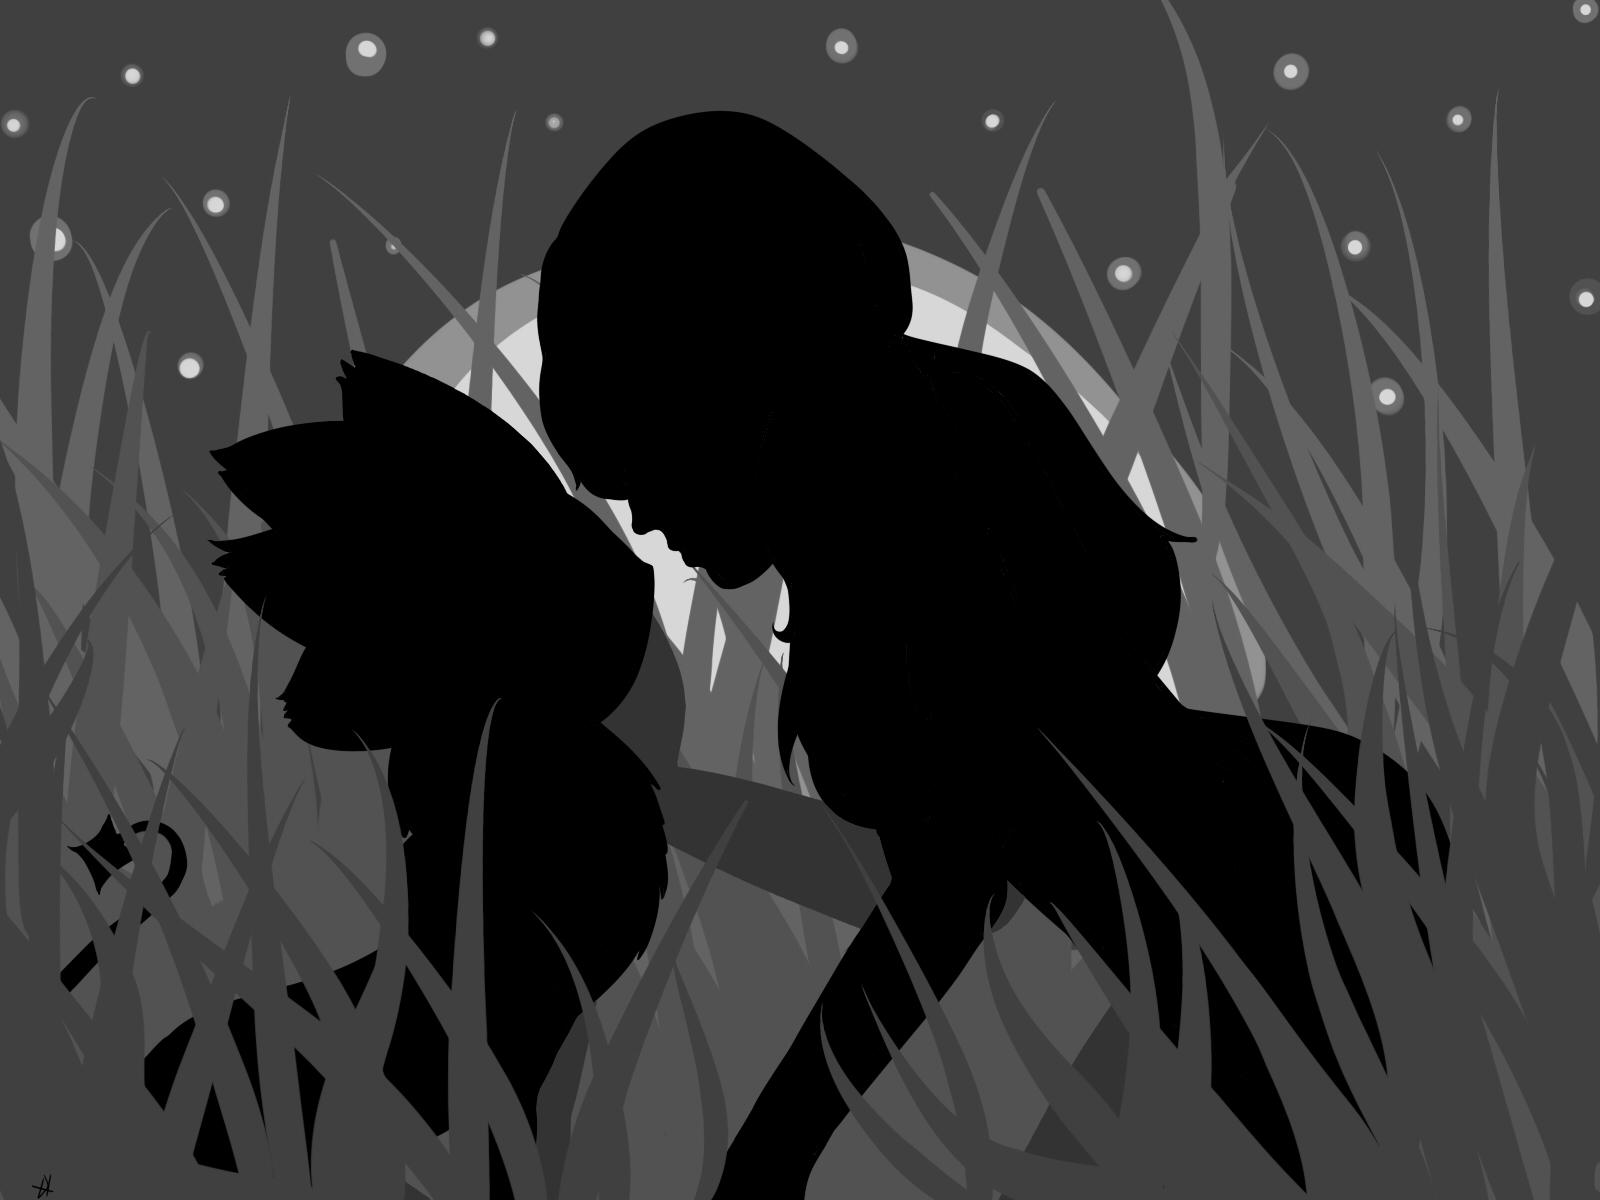 Pokémon-Zeichnung: Tall grass